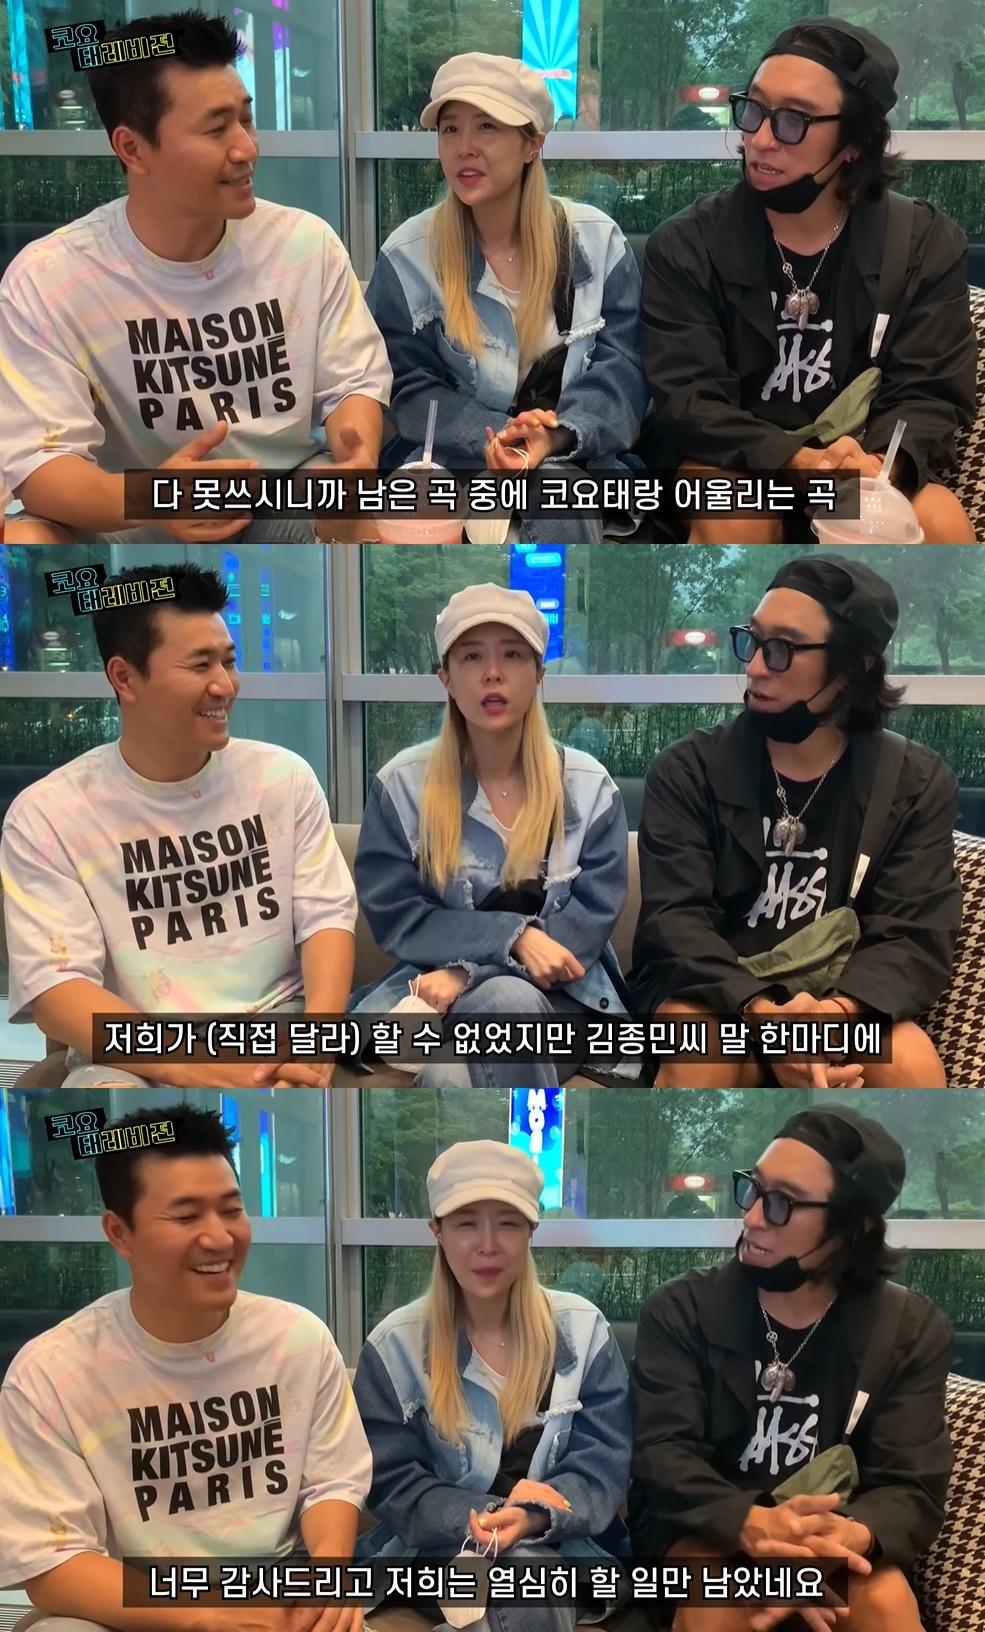 2일(일), 코요태 새 앨범 '아하(Oh My Summer)' 발매 | 인스티즈